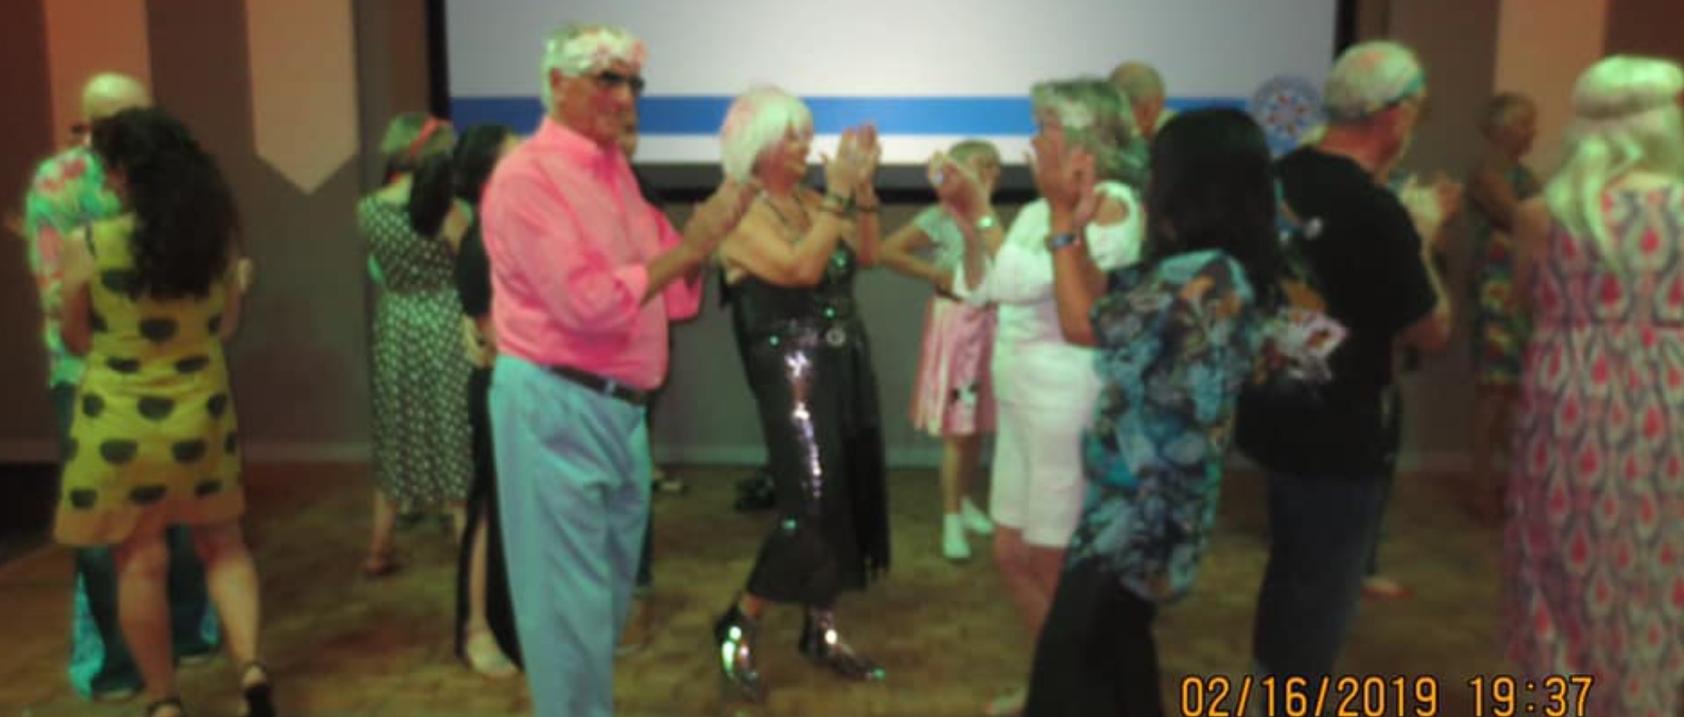 Gala 2019 dancing.png